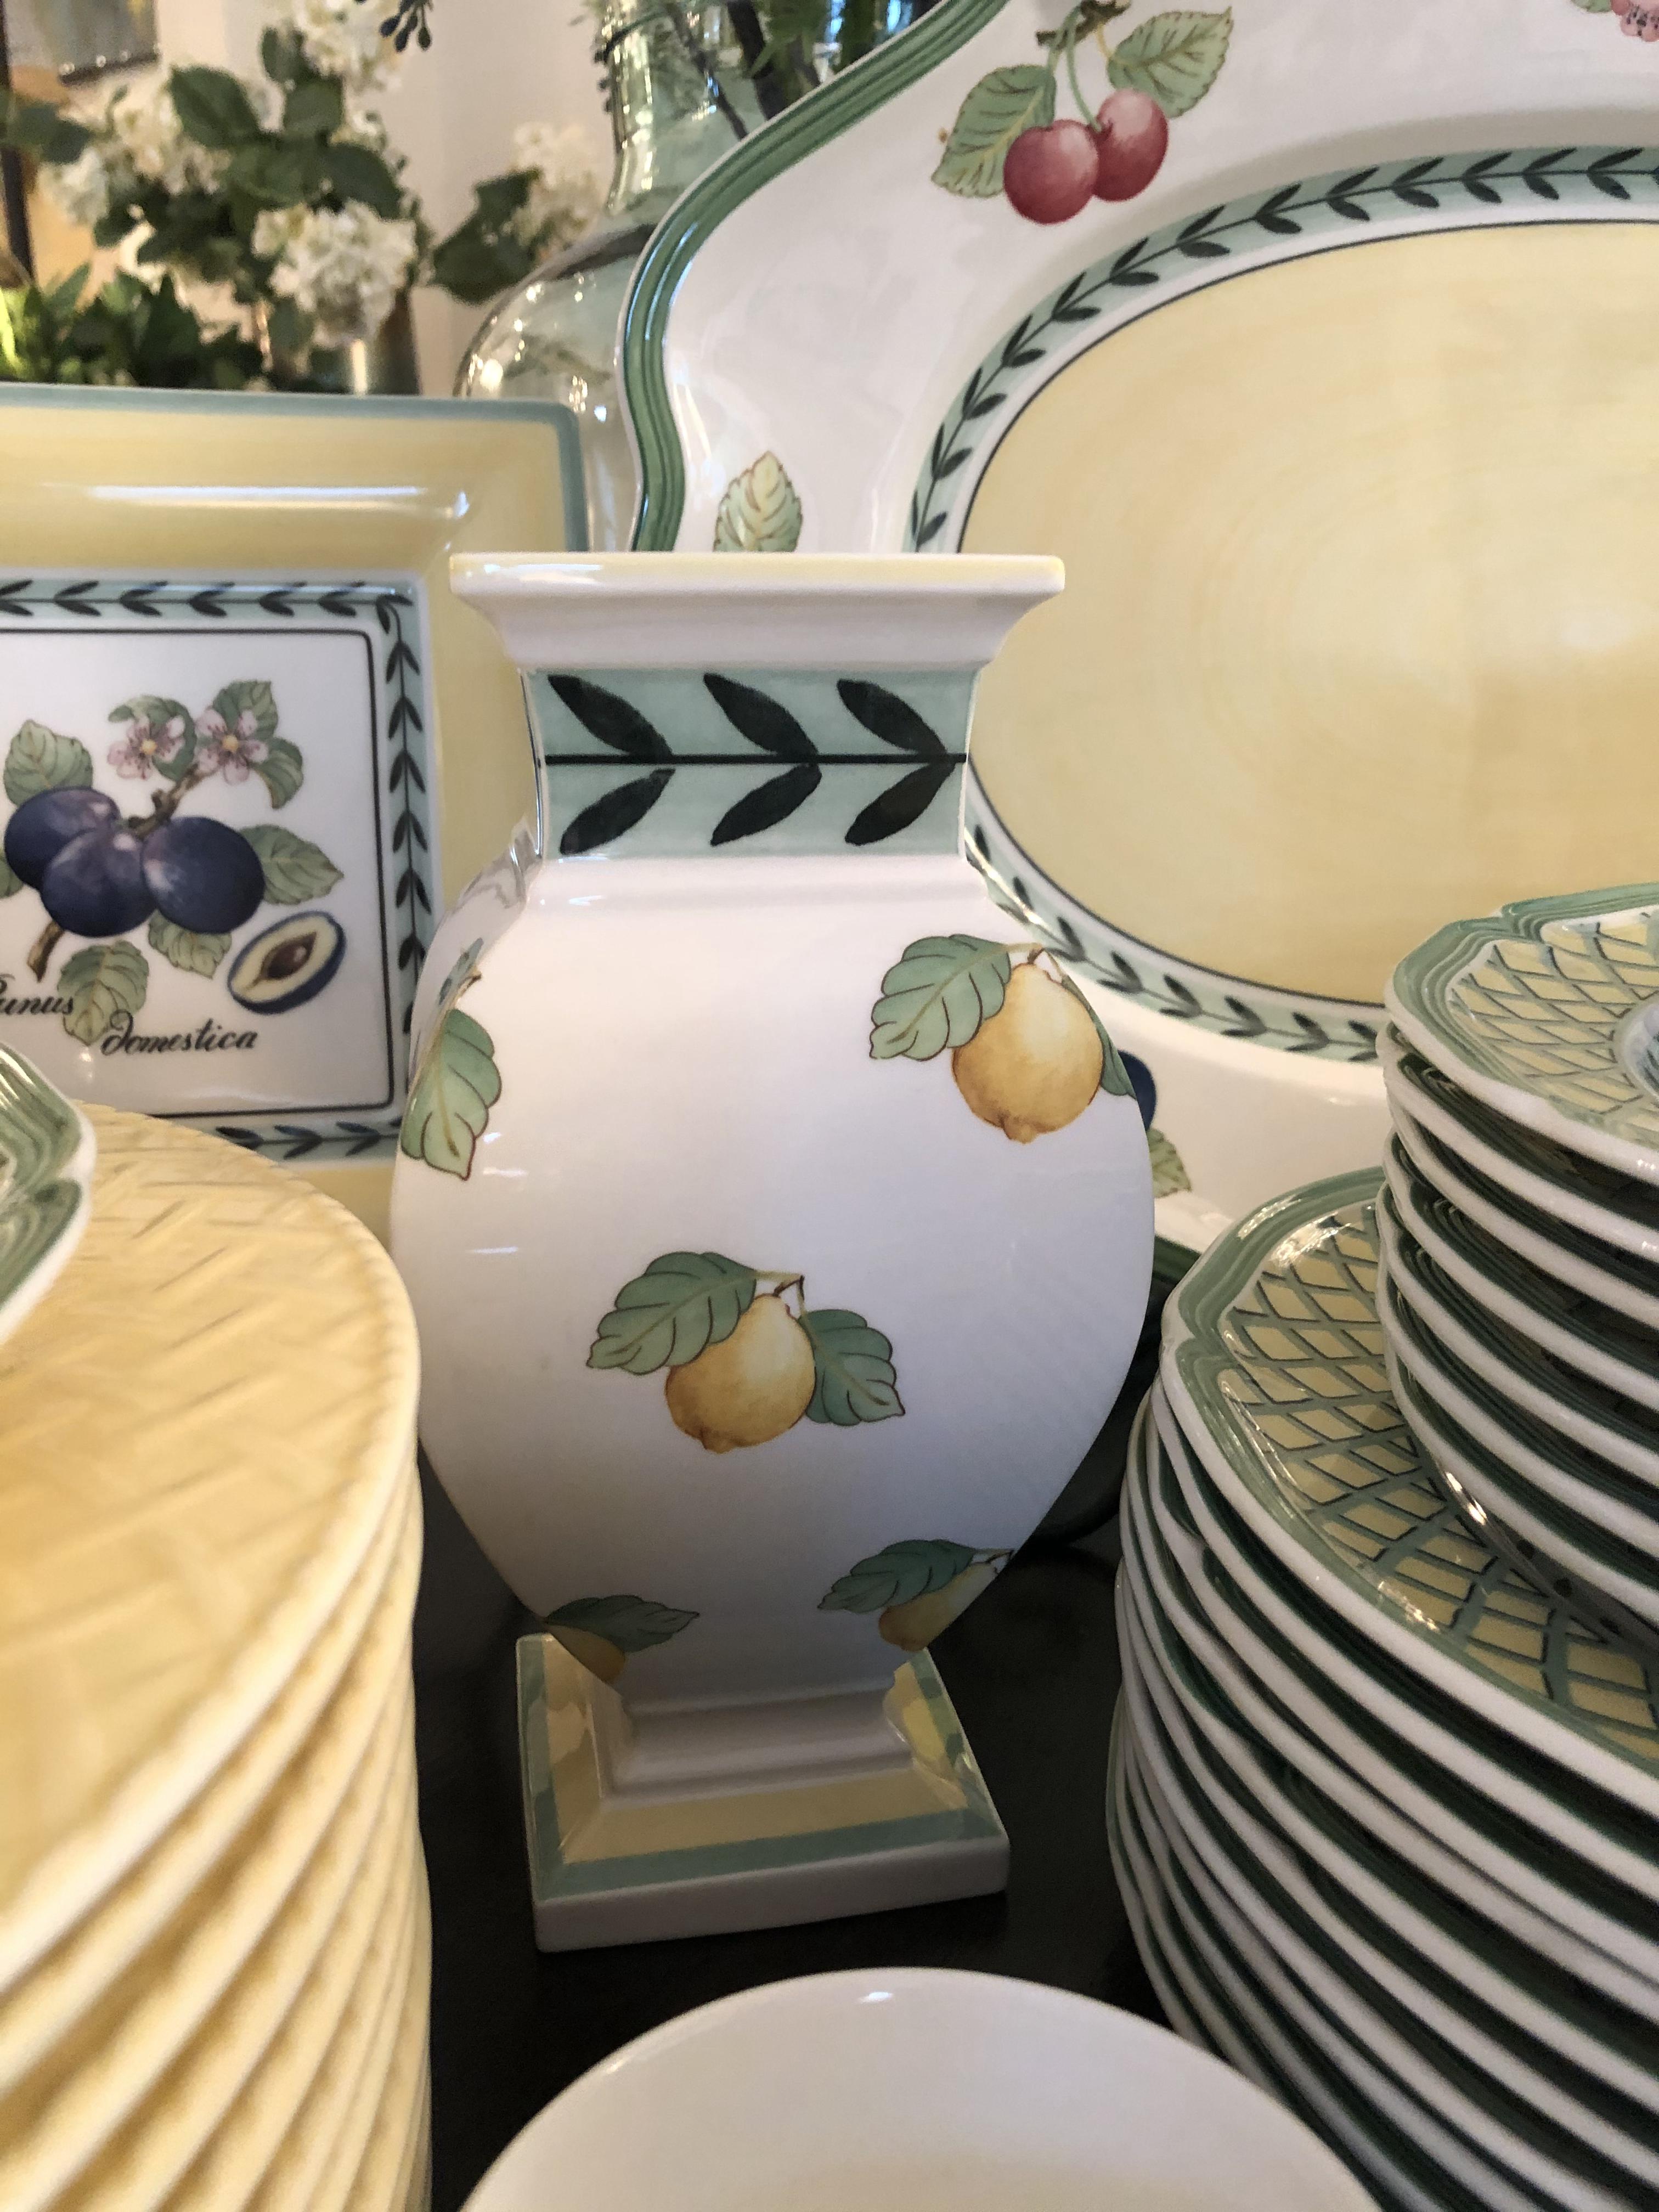 Villeroy & Boch Ceramic Vases